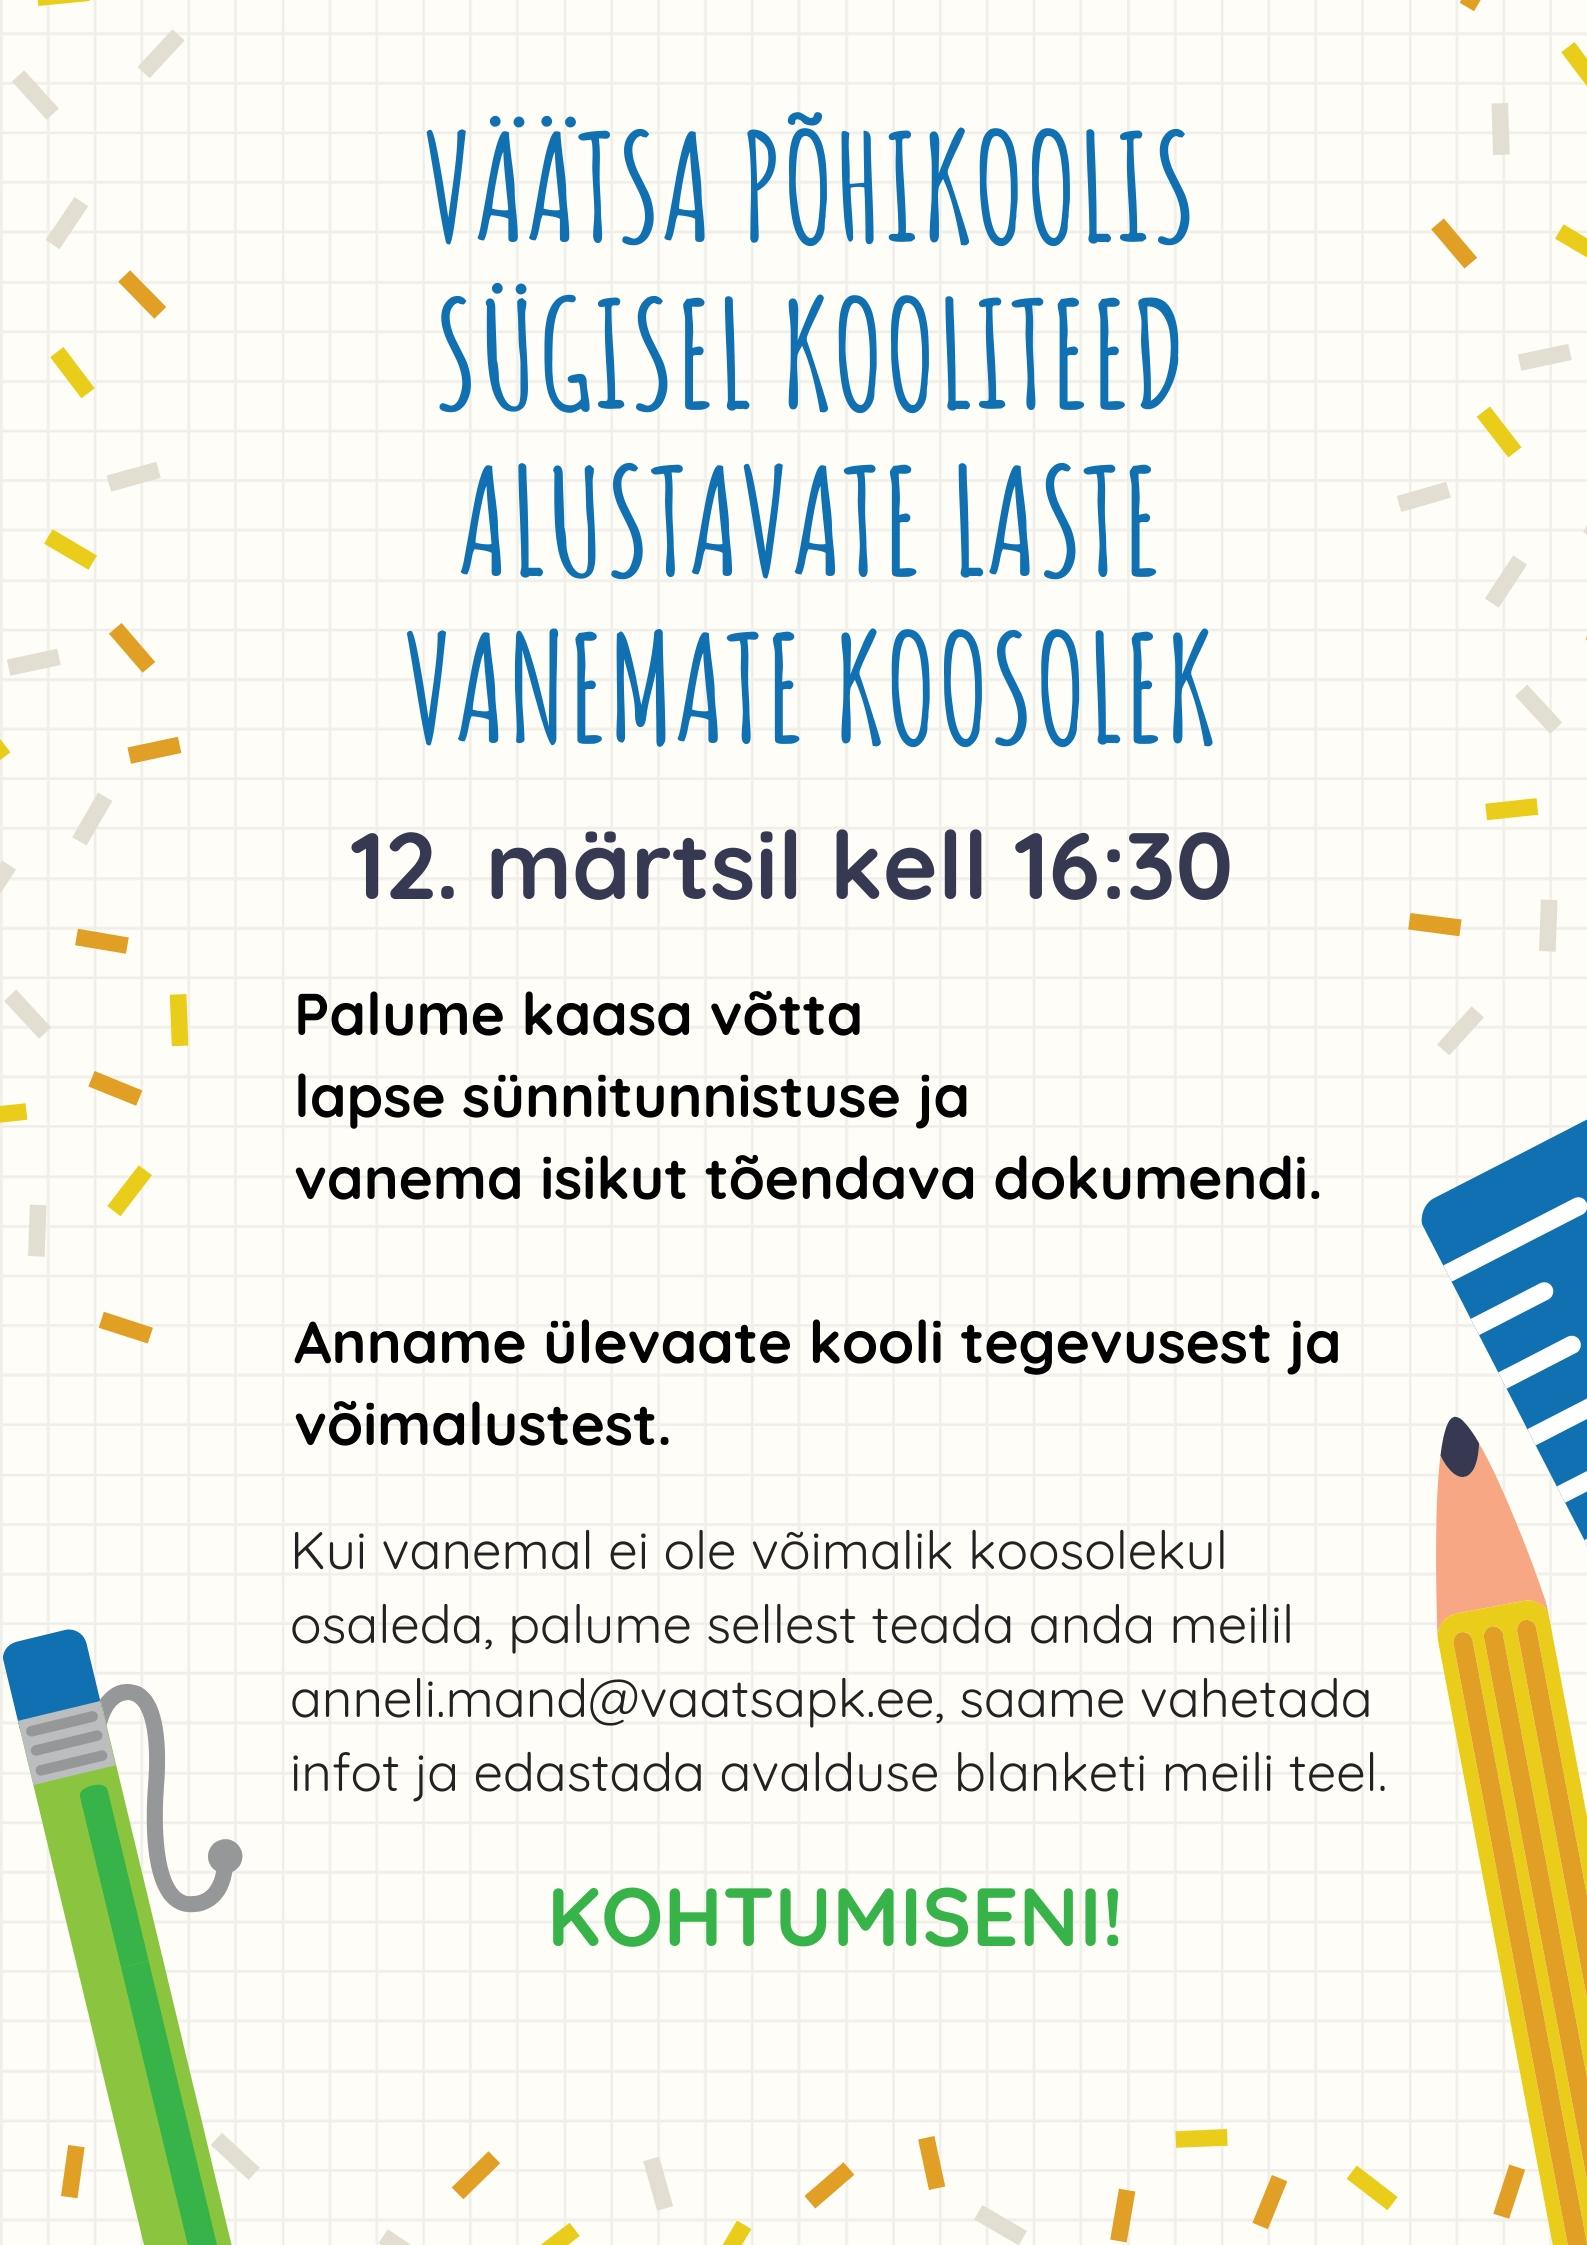 12.märtsil kell 16.30 Väätsa Põhikoolis sügisel kooliteed alustavate laste vanemate koosolek